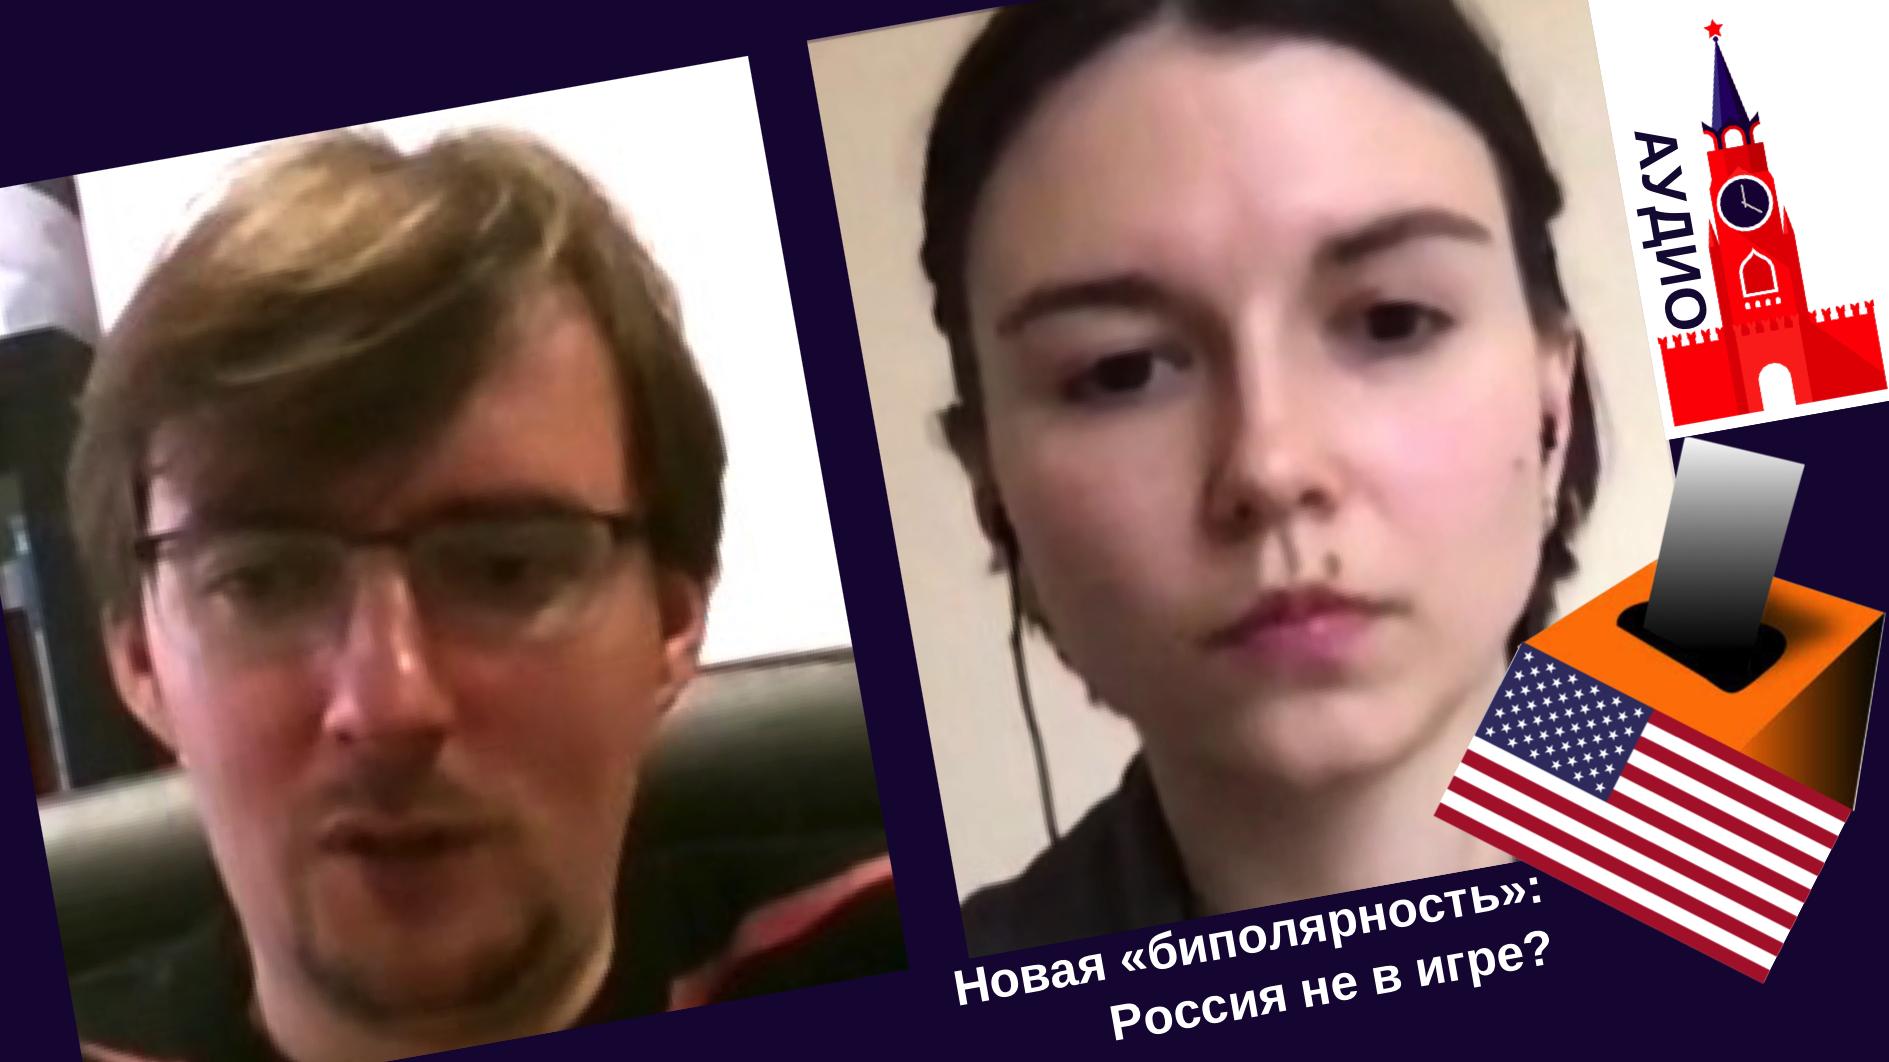 Новая «биполярность»: Россия не в игре? [Аудио]